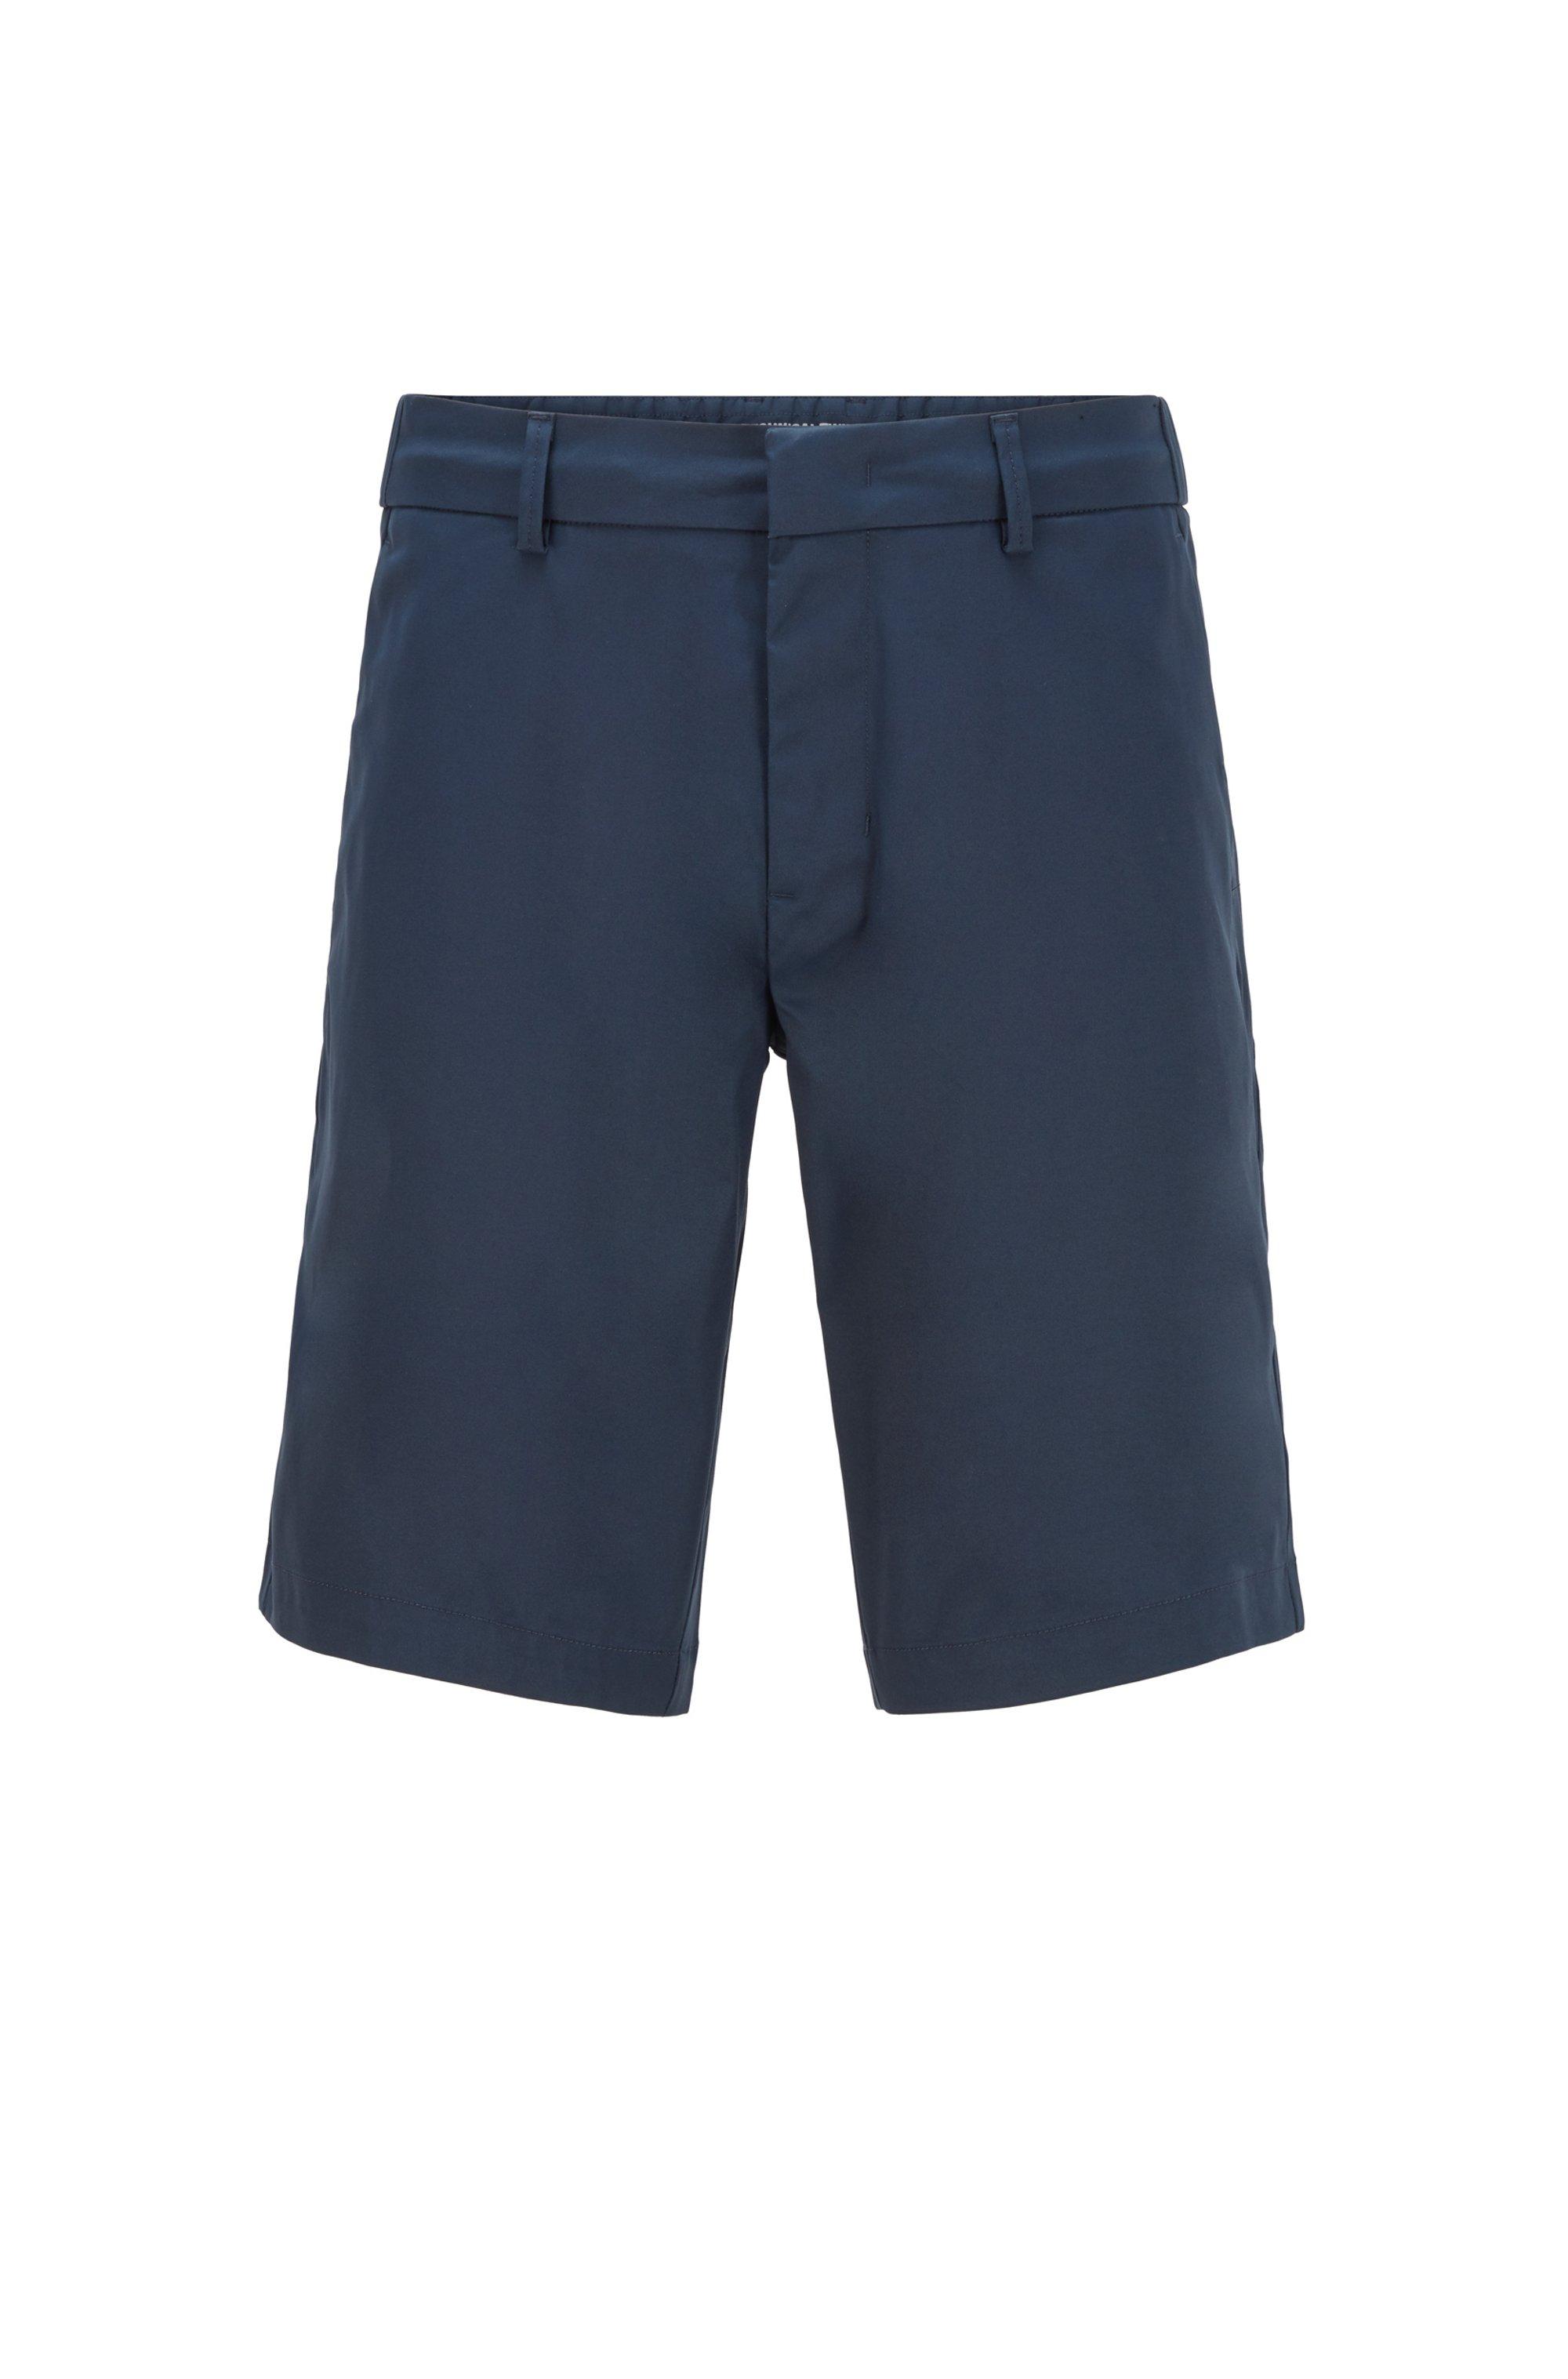 Slim-Fit Shorts aus wasserabweisendem Funktionstwill, Dunkelblau